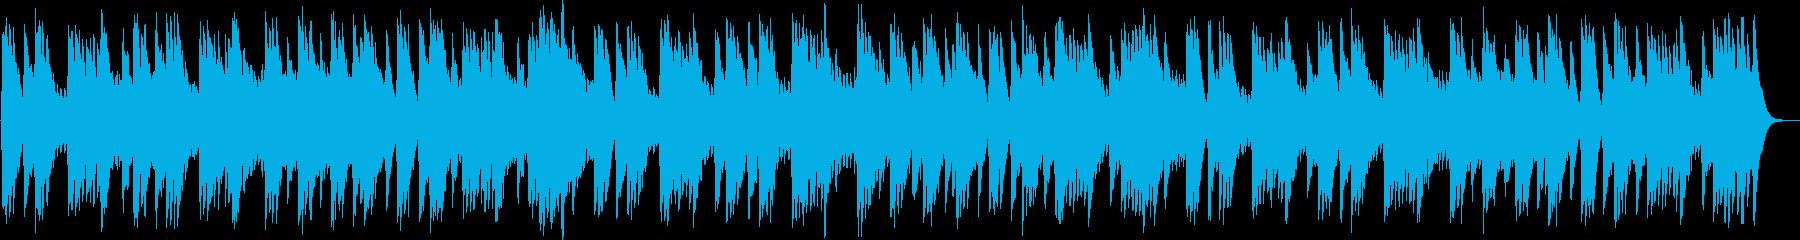 夢みる人 / フォスター(オルゴール)の再生済みの波形